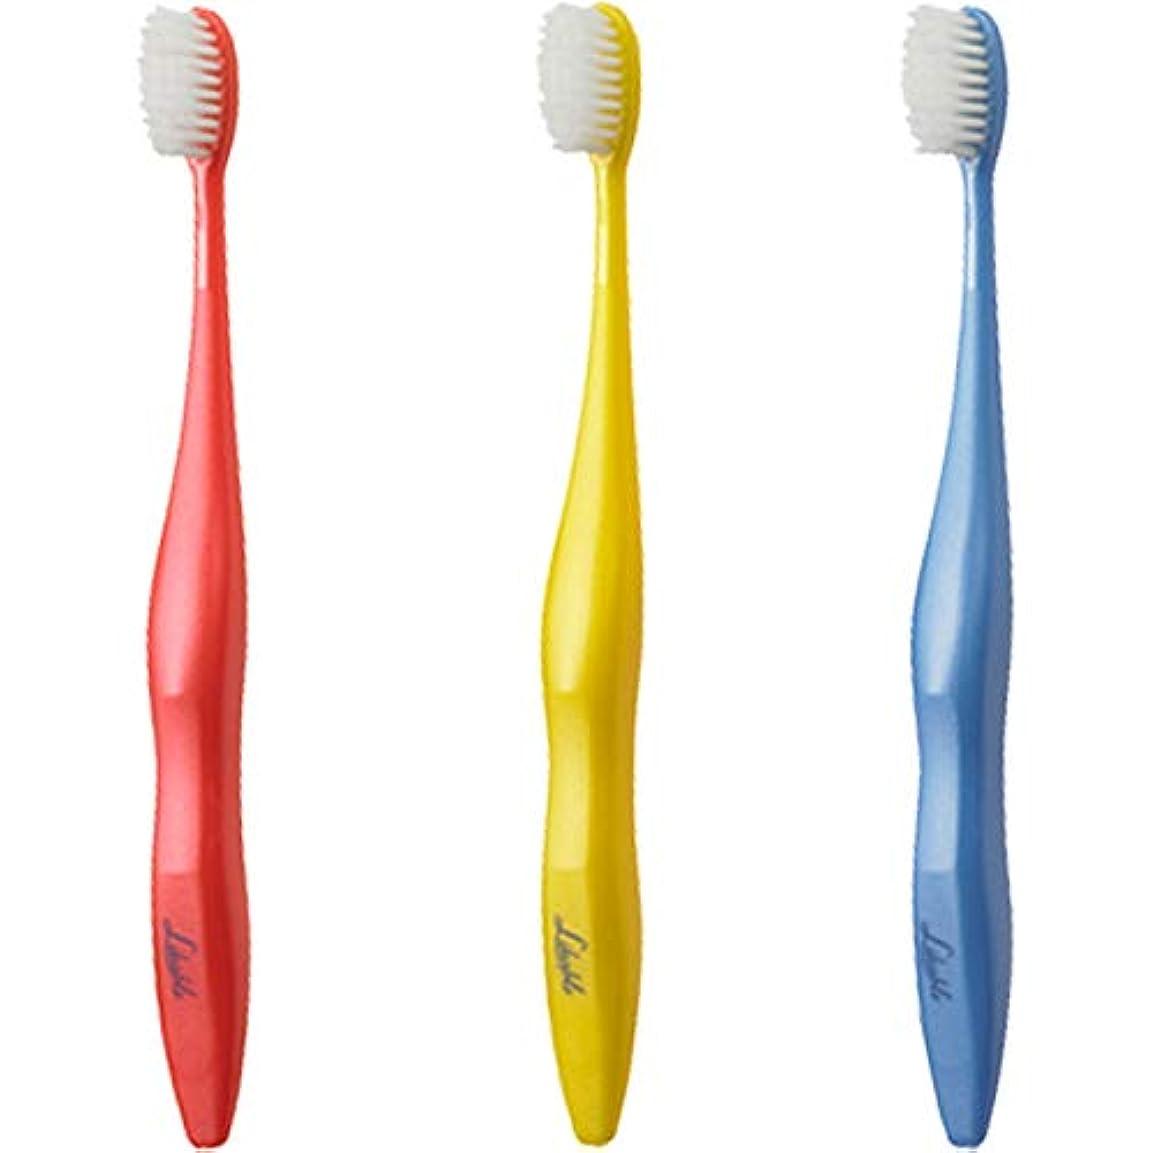 分配します節約するに渡ってライカブル 歯ブラシ 12本入